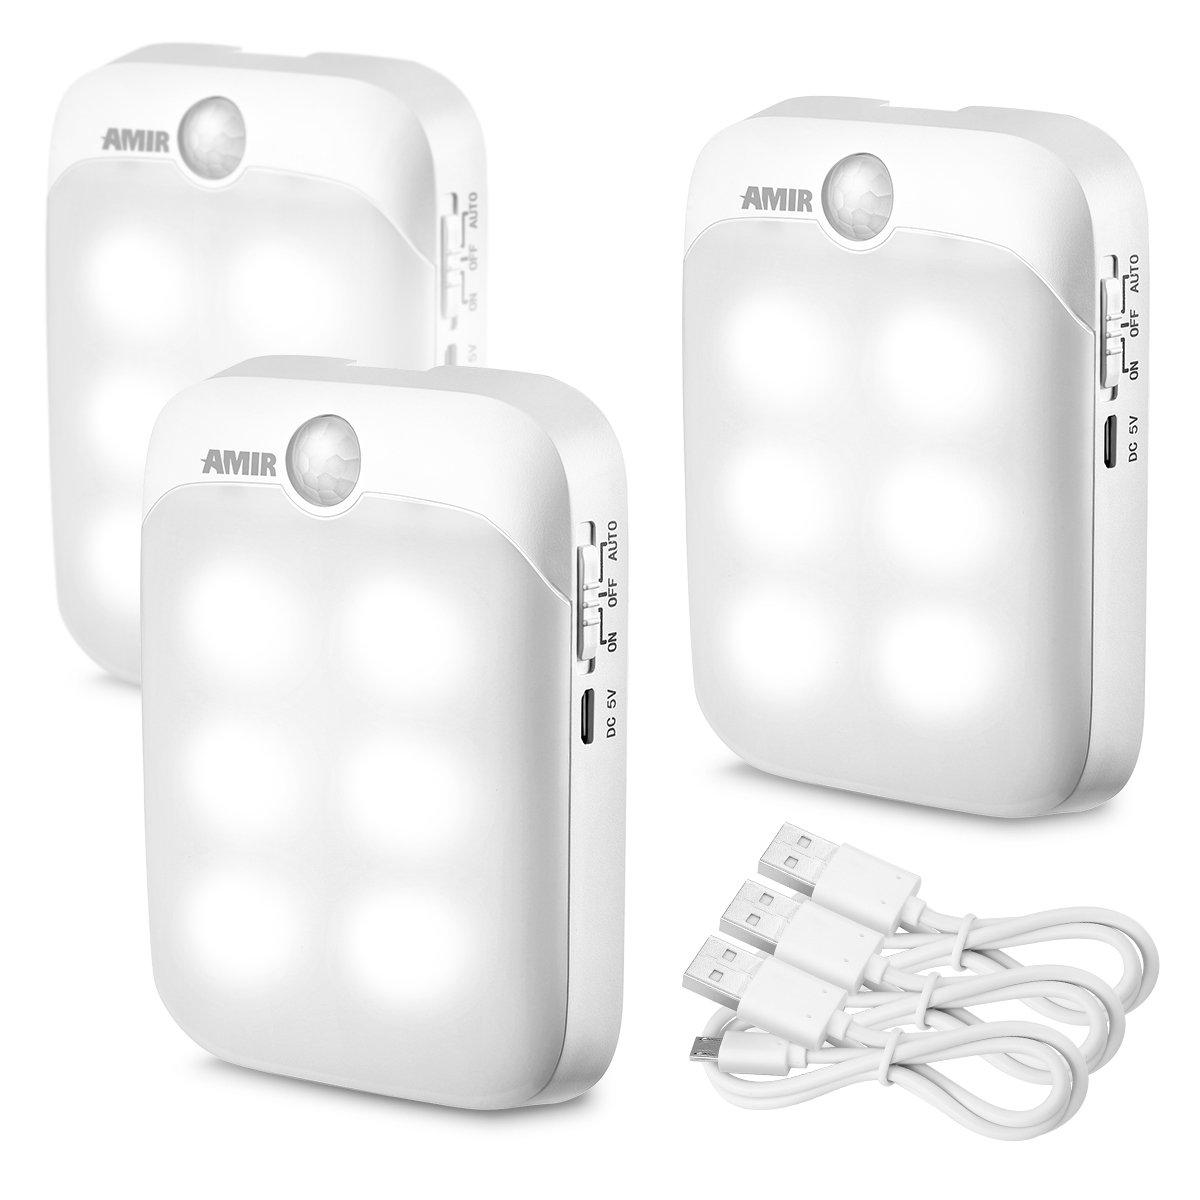 AMIR LED Nachtlicht, LED Bewegungsmelder Licht, USB Wiederaufladbar Nachtlicht, AUTO/ON/OFF Lichter mit Licht sensor für den Schrank oder die Flur, Schlafzimmer, Küche, Camping, Grill, etc. Küche